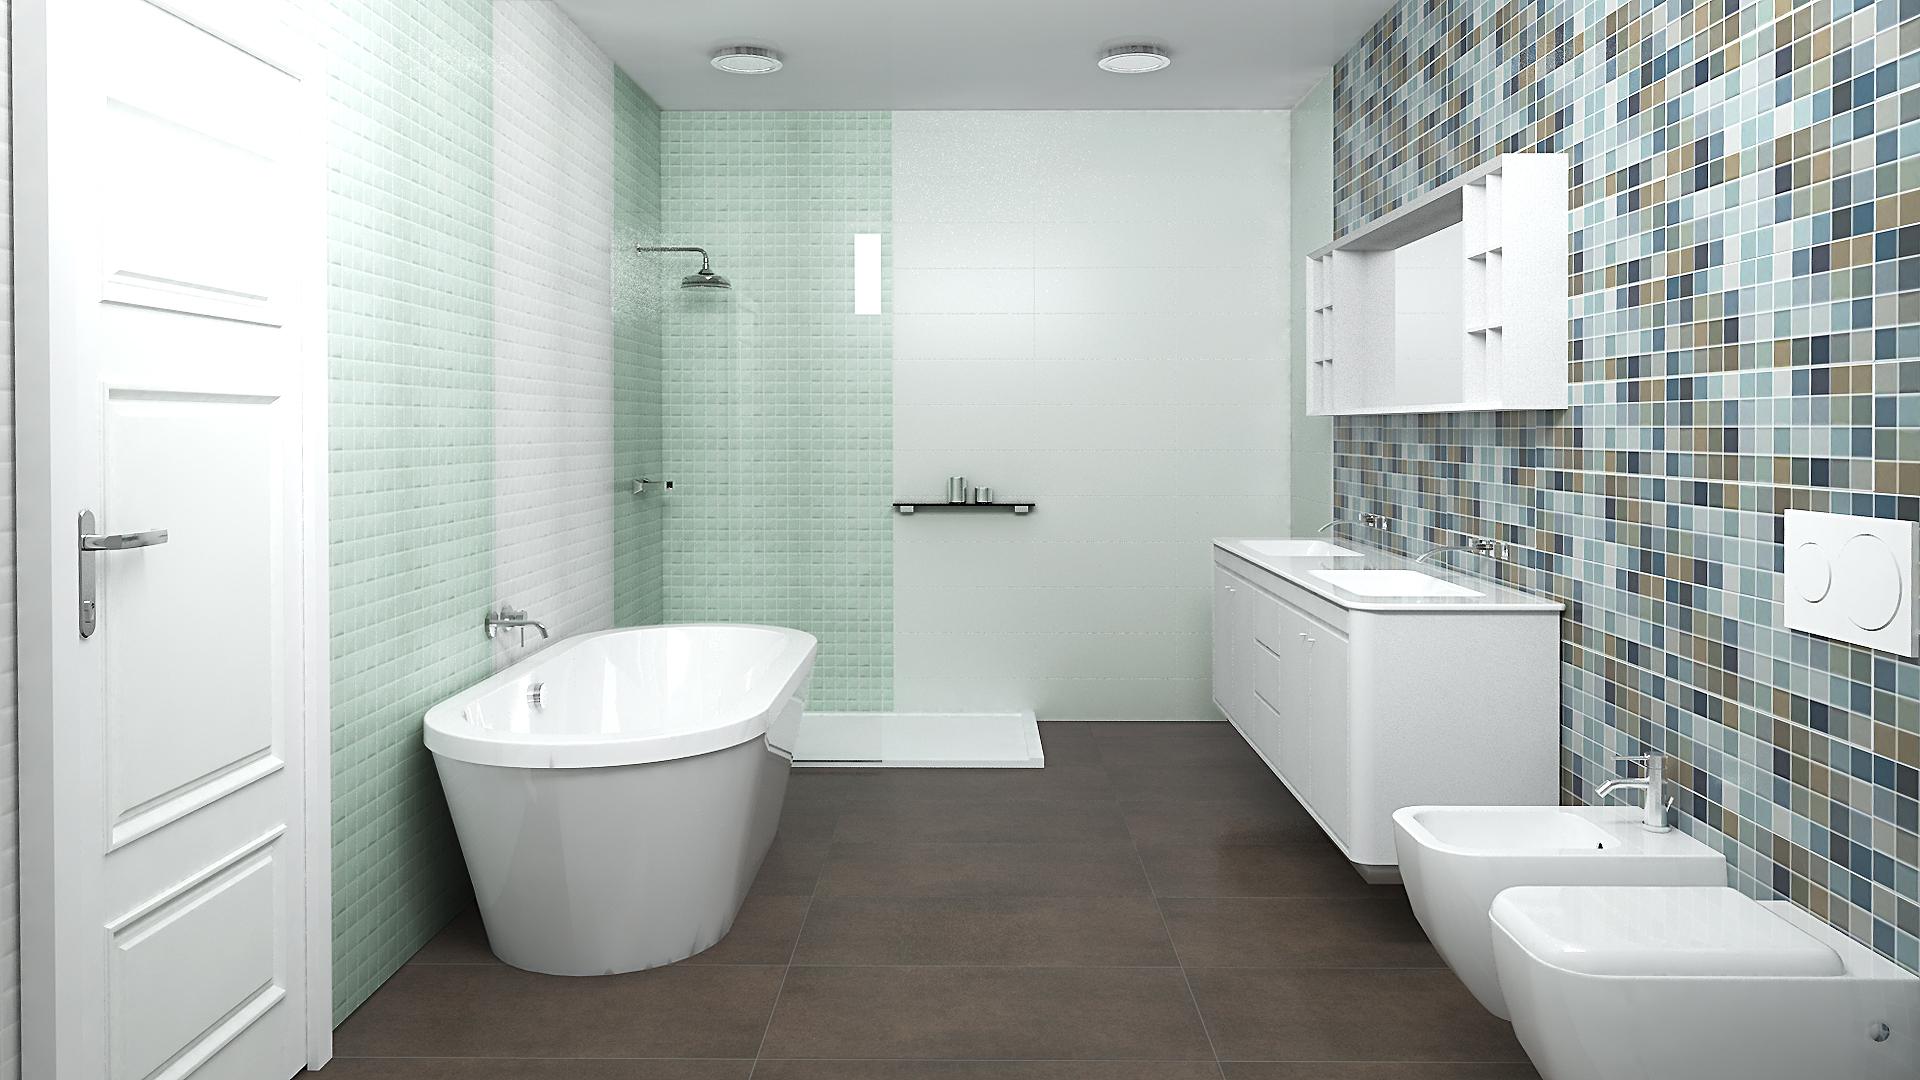 Bagno mattonelle - Mattonelle per bagno prezzi ...